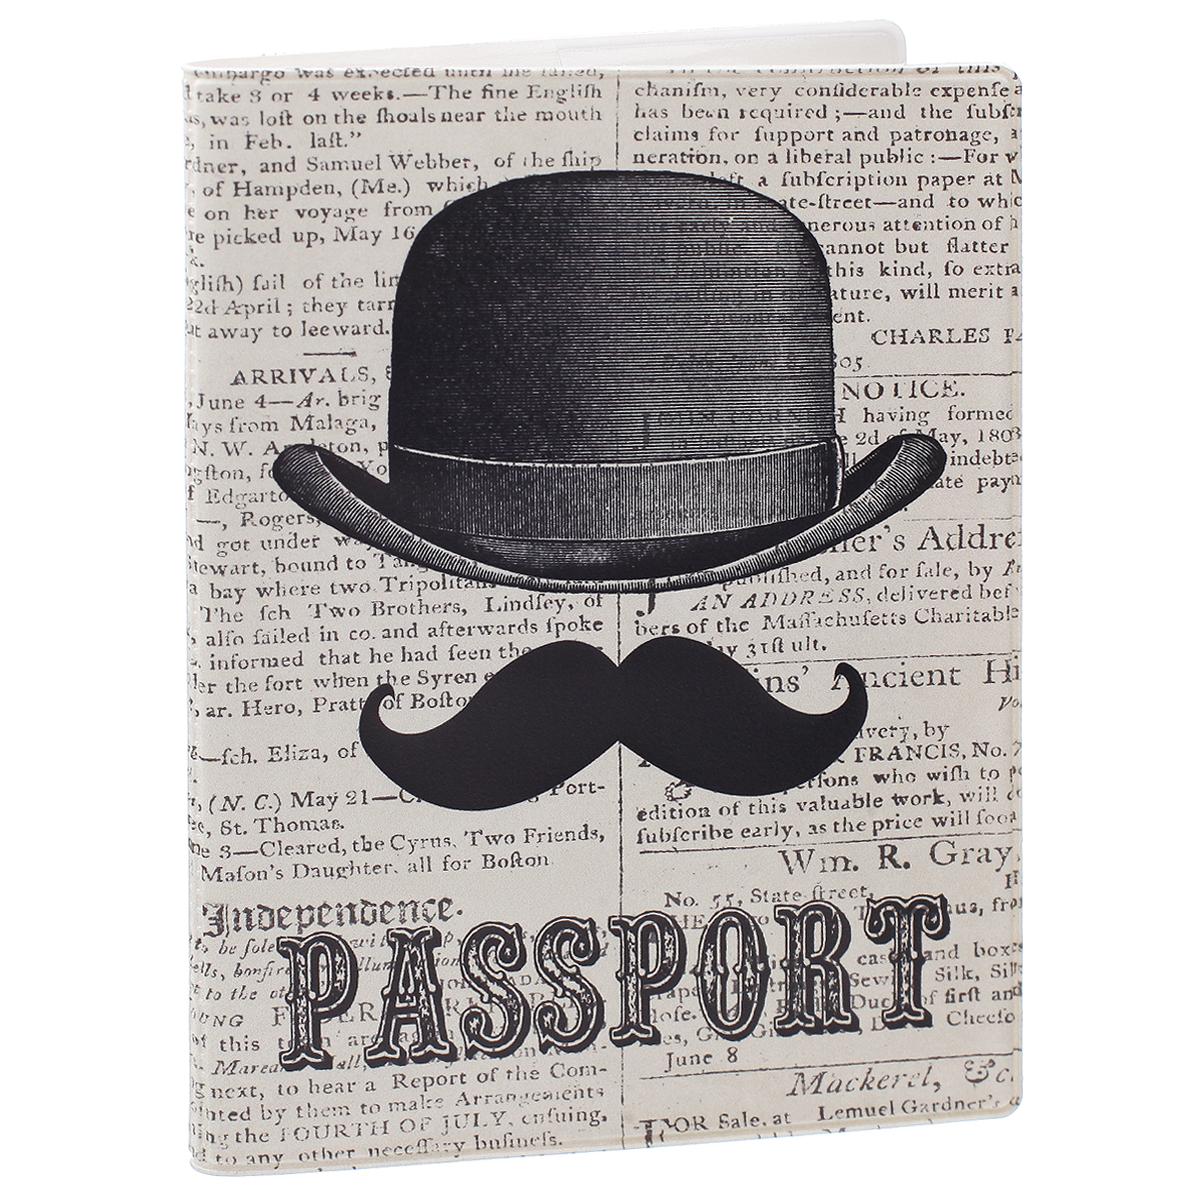 Обложка для паспорта Джентльмен, цвет: серый, черный. 35674ПВХ (поливинилхлорид)Обложка для паспорта Джентльмен не только поможет сохранить внешний вид ваших документов и защитить их от повреждений, но и станет стильным аксессуаром, идеально подходящим вашему образу. Обложка выполнена из поливинилхлорида и оформлена оригинальным изображением джентельменских усов и шляпы. Внутри имеет два вертикальных кармана из прозрачного пластика.Такая обложка поможет вам подчеркнуть свою индивидуальность и неповторимость!